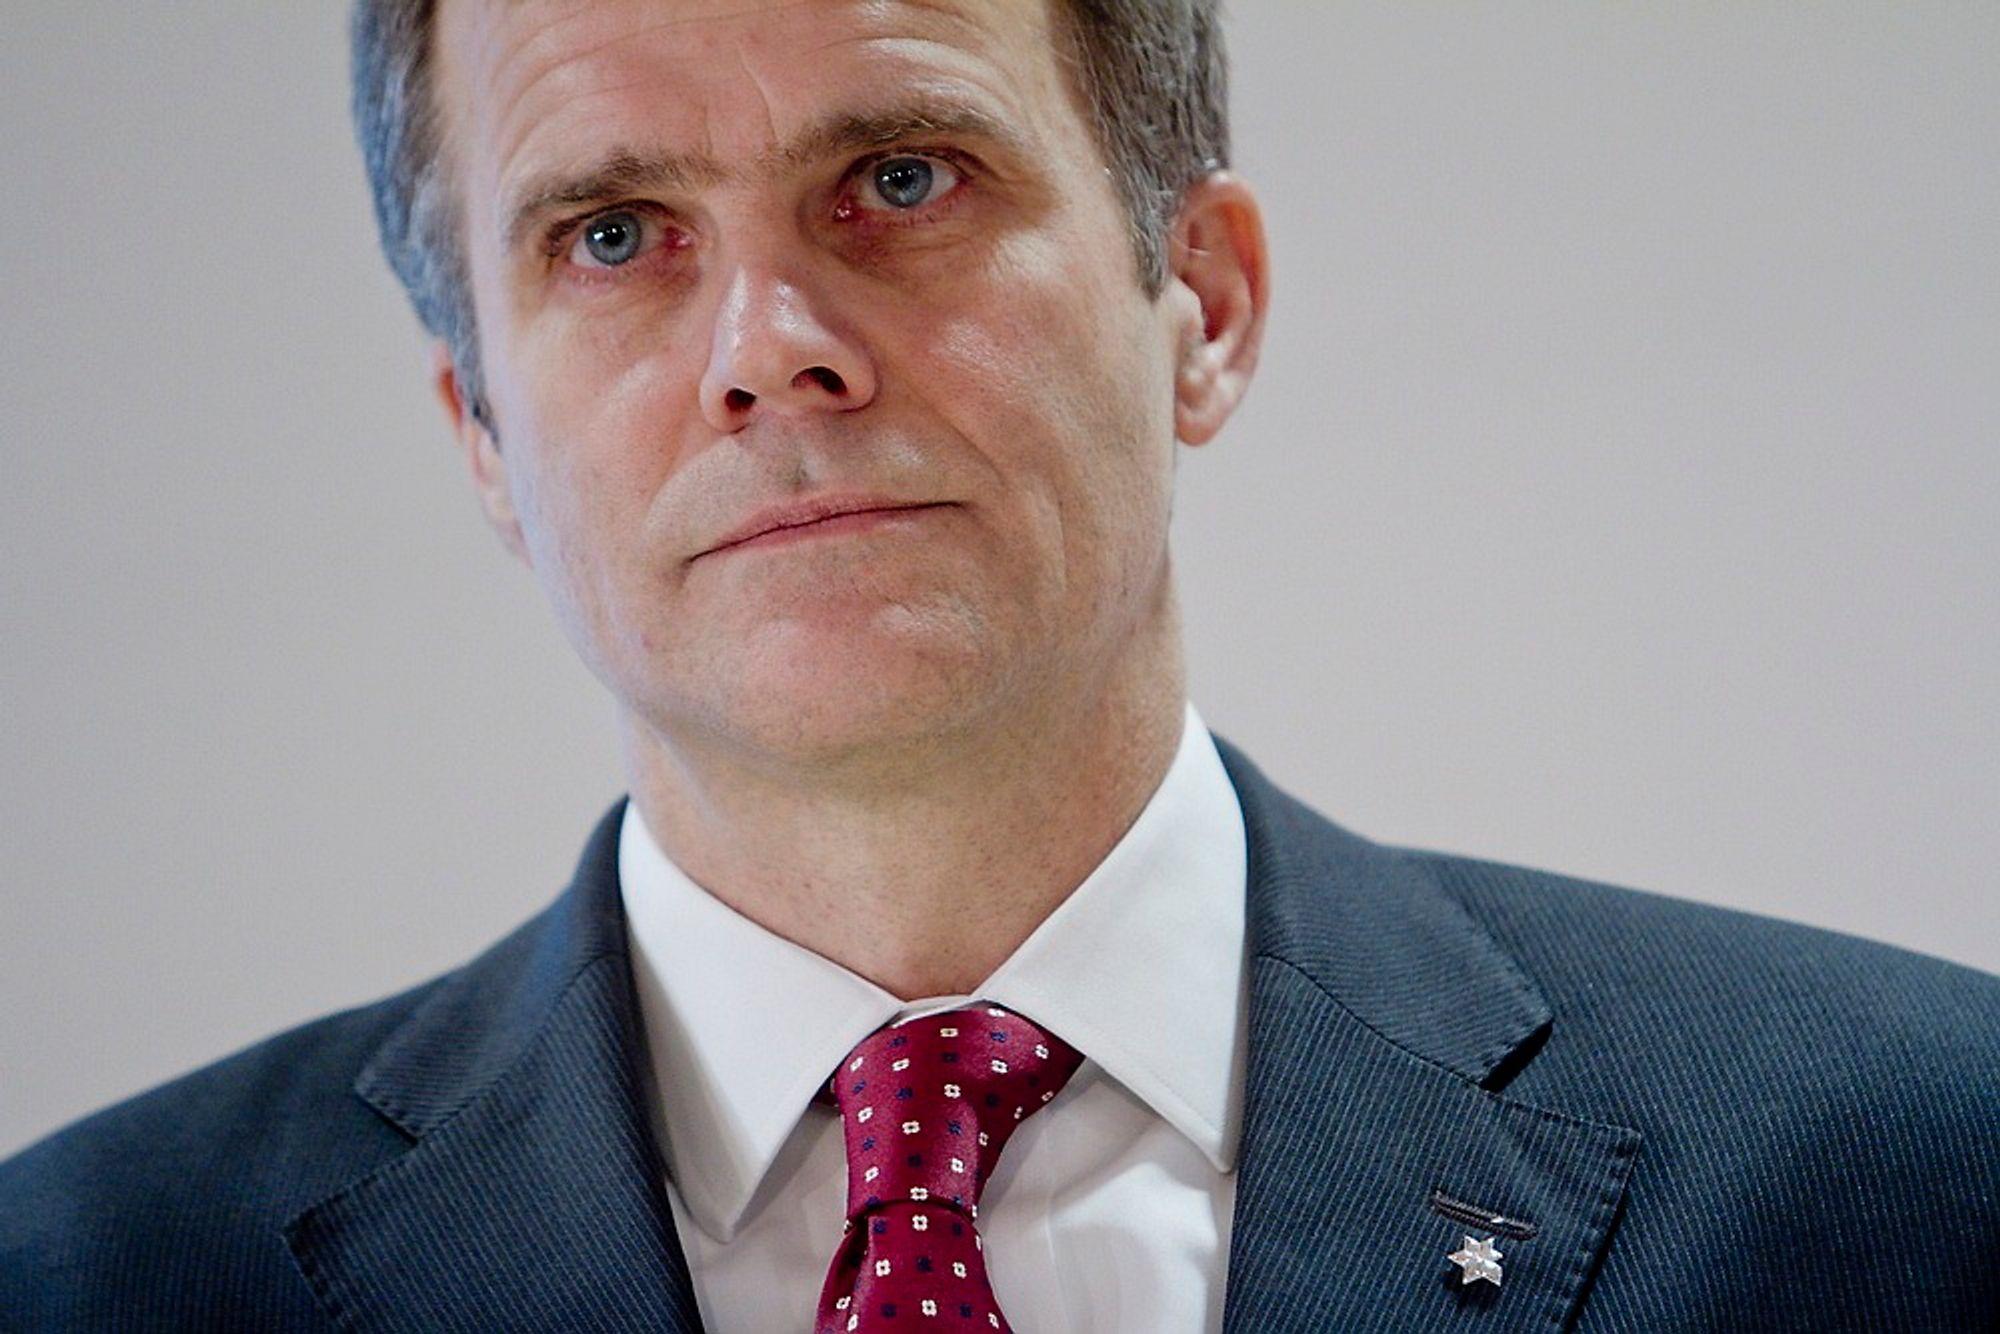 Konserndirektør Helge Lund i Statoil februar 2012